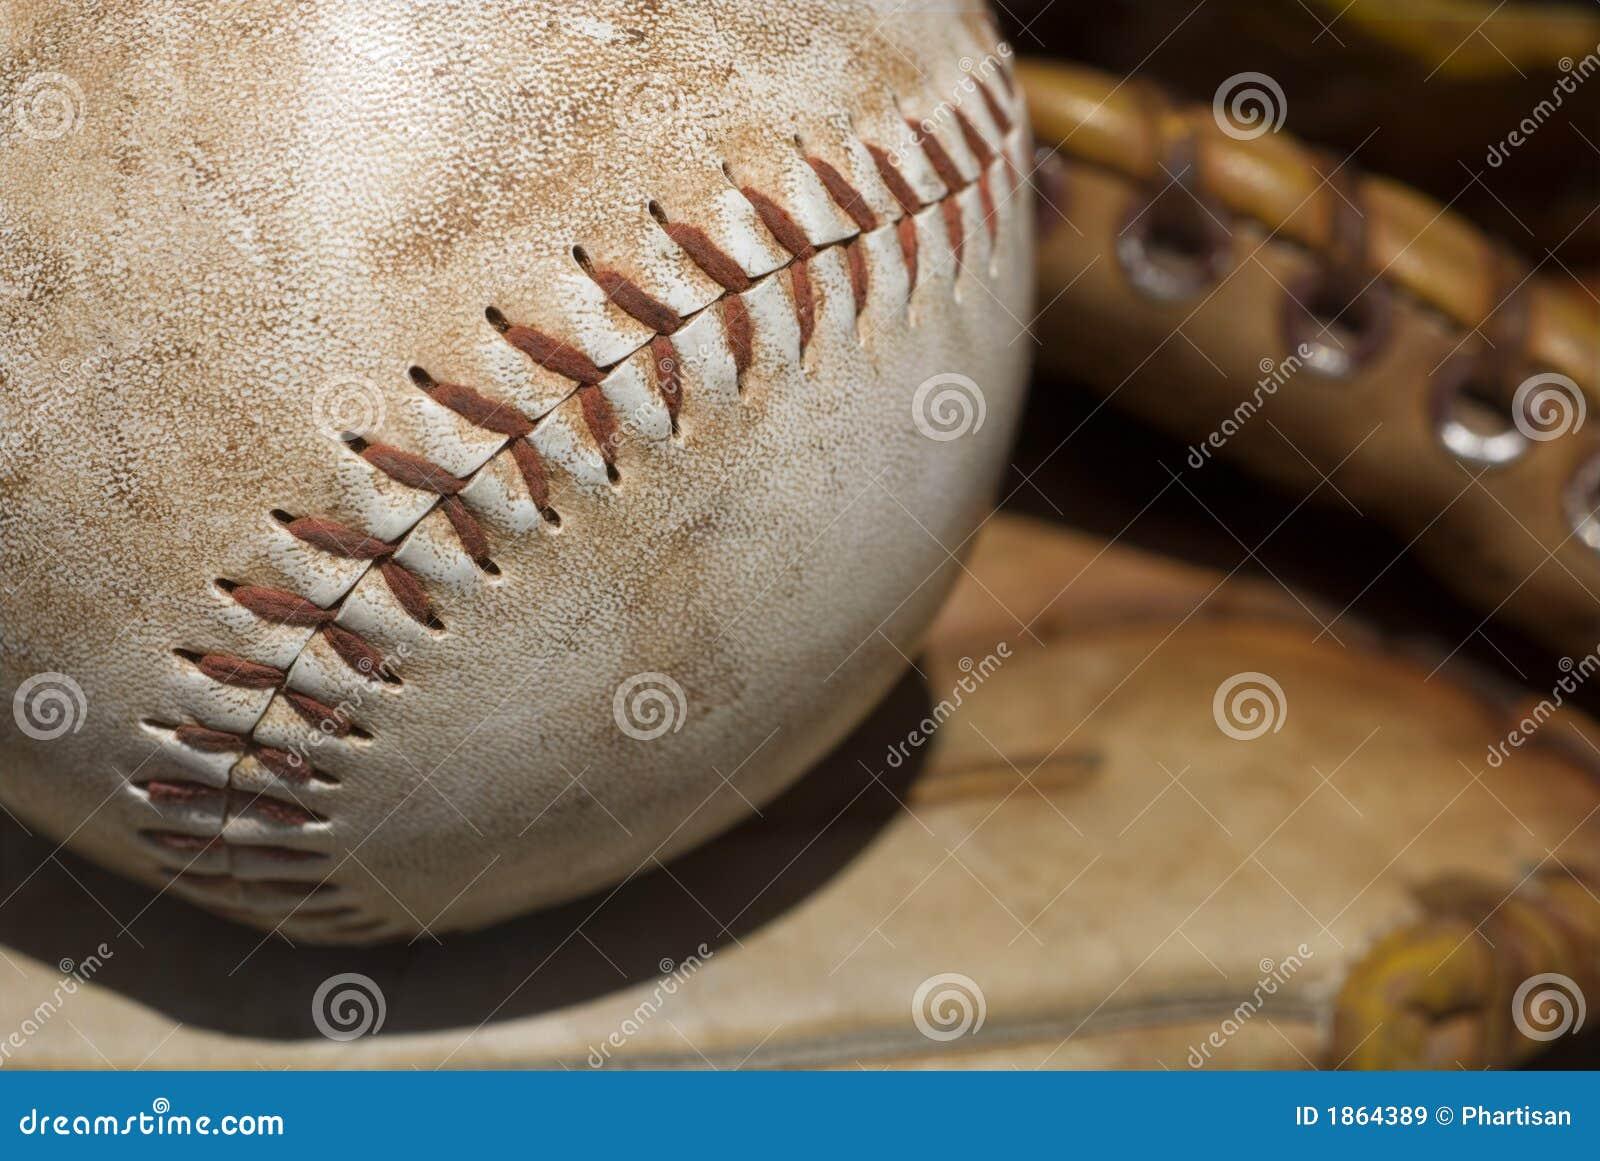 Fermez-vous vers le haut d un base-ball